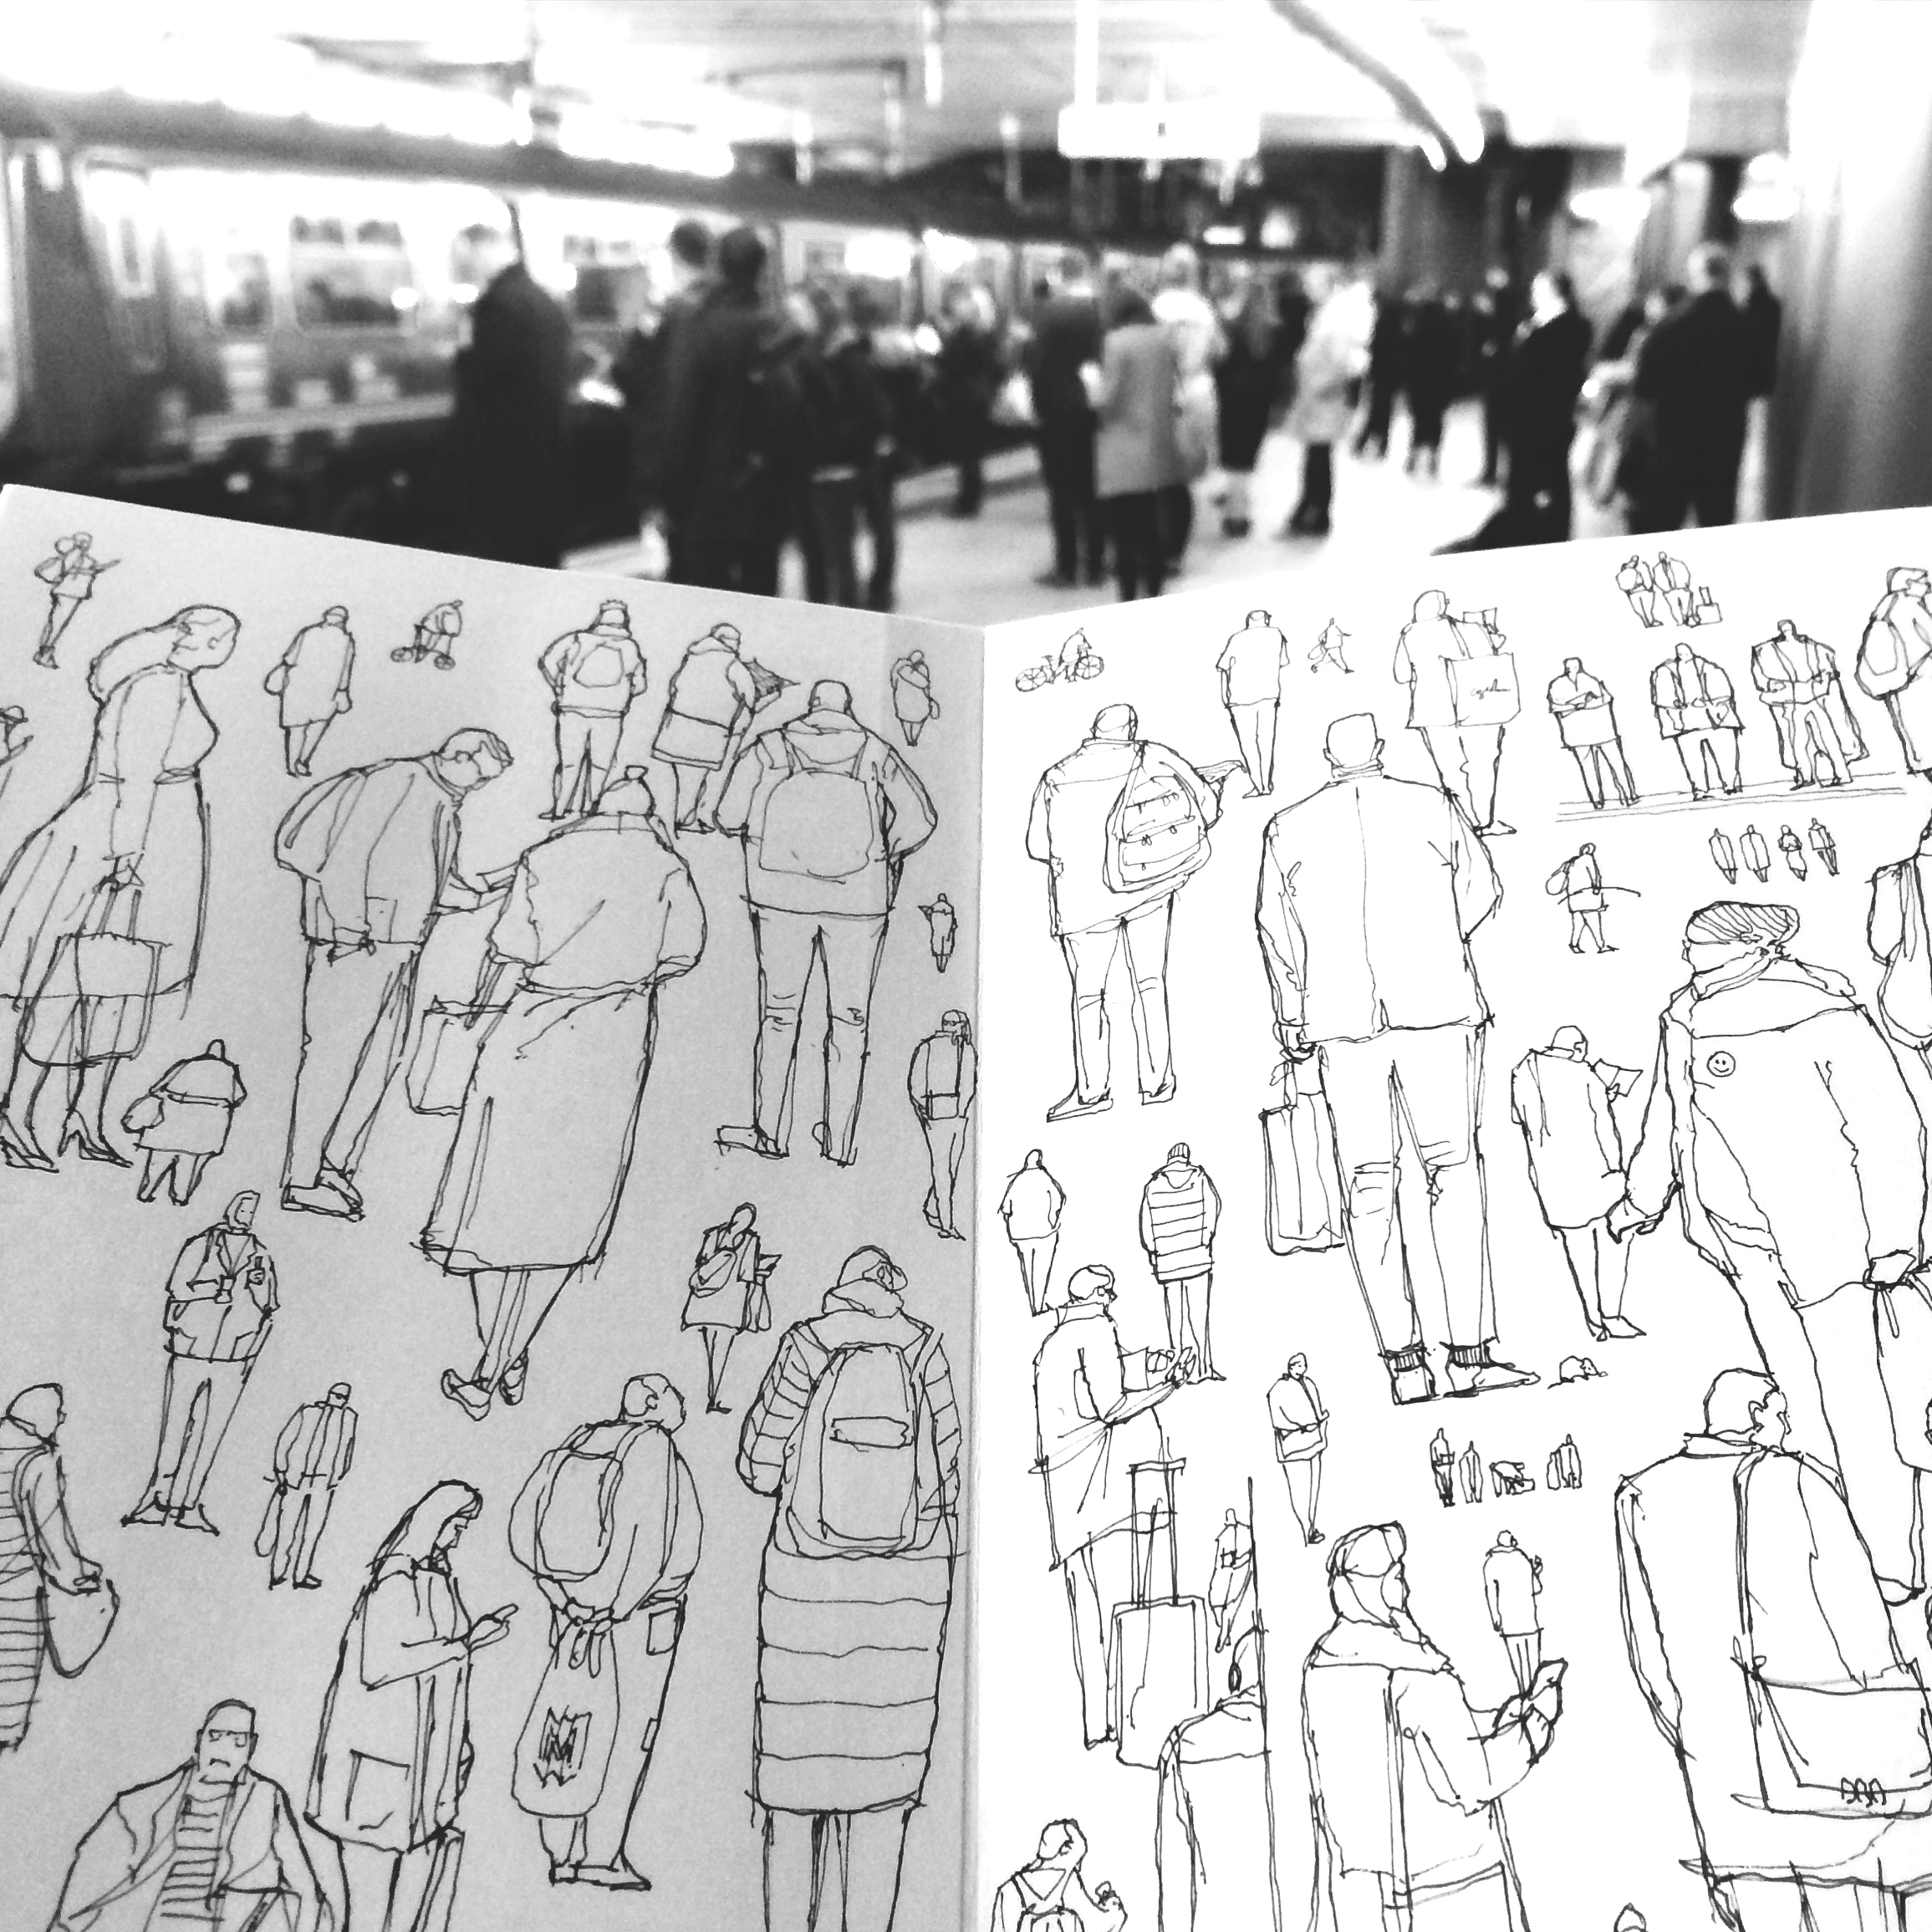 Trainspotting-Luke Adam Hawker-Peoplewatching Series-OL.jpg